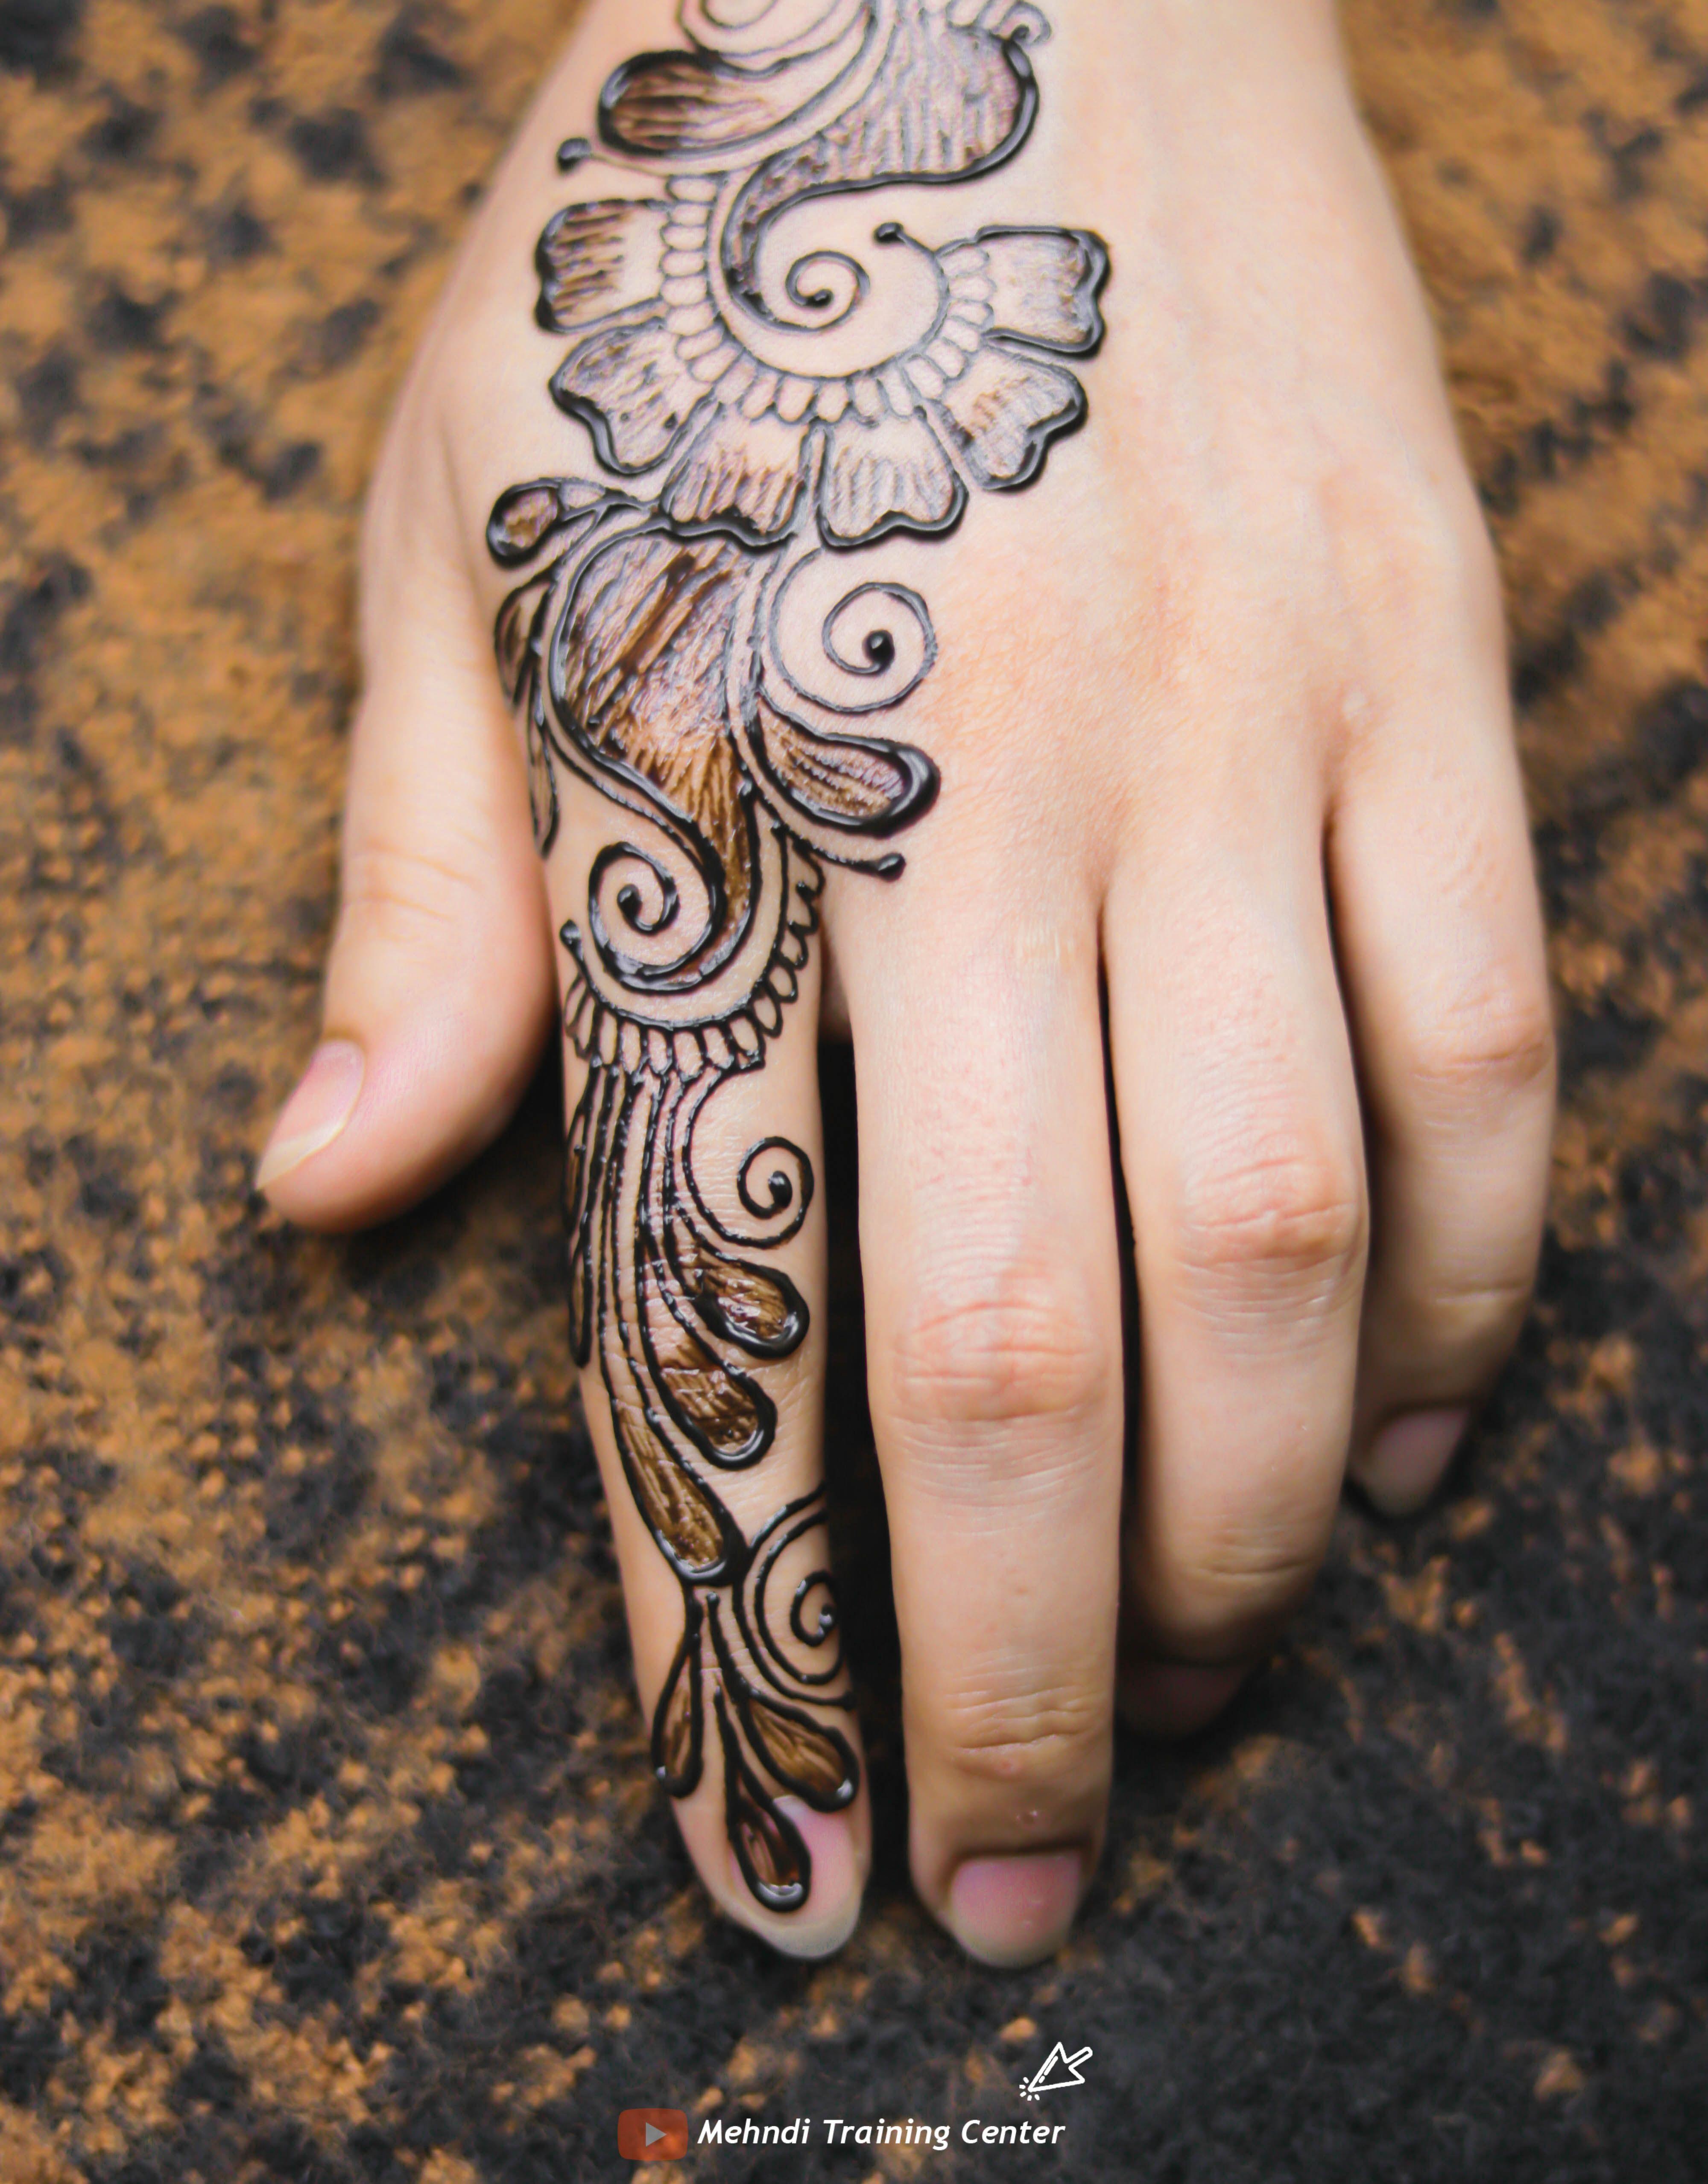 تصميم الحناء هذا جميل جدا وسهل التطبيق يمكنك تطبيق تصميم الحناء على يدك يوم العيد Tribal Tattoos Henna Hand Tattoo Hand Henna